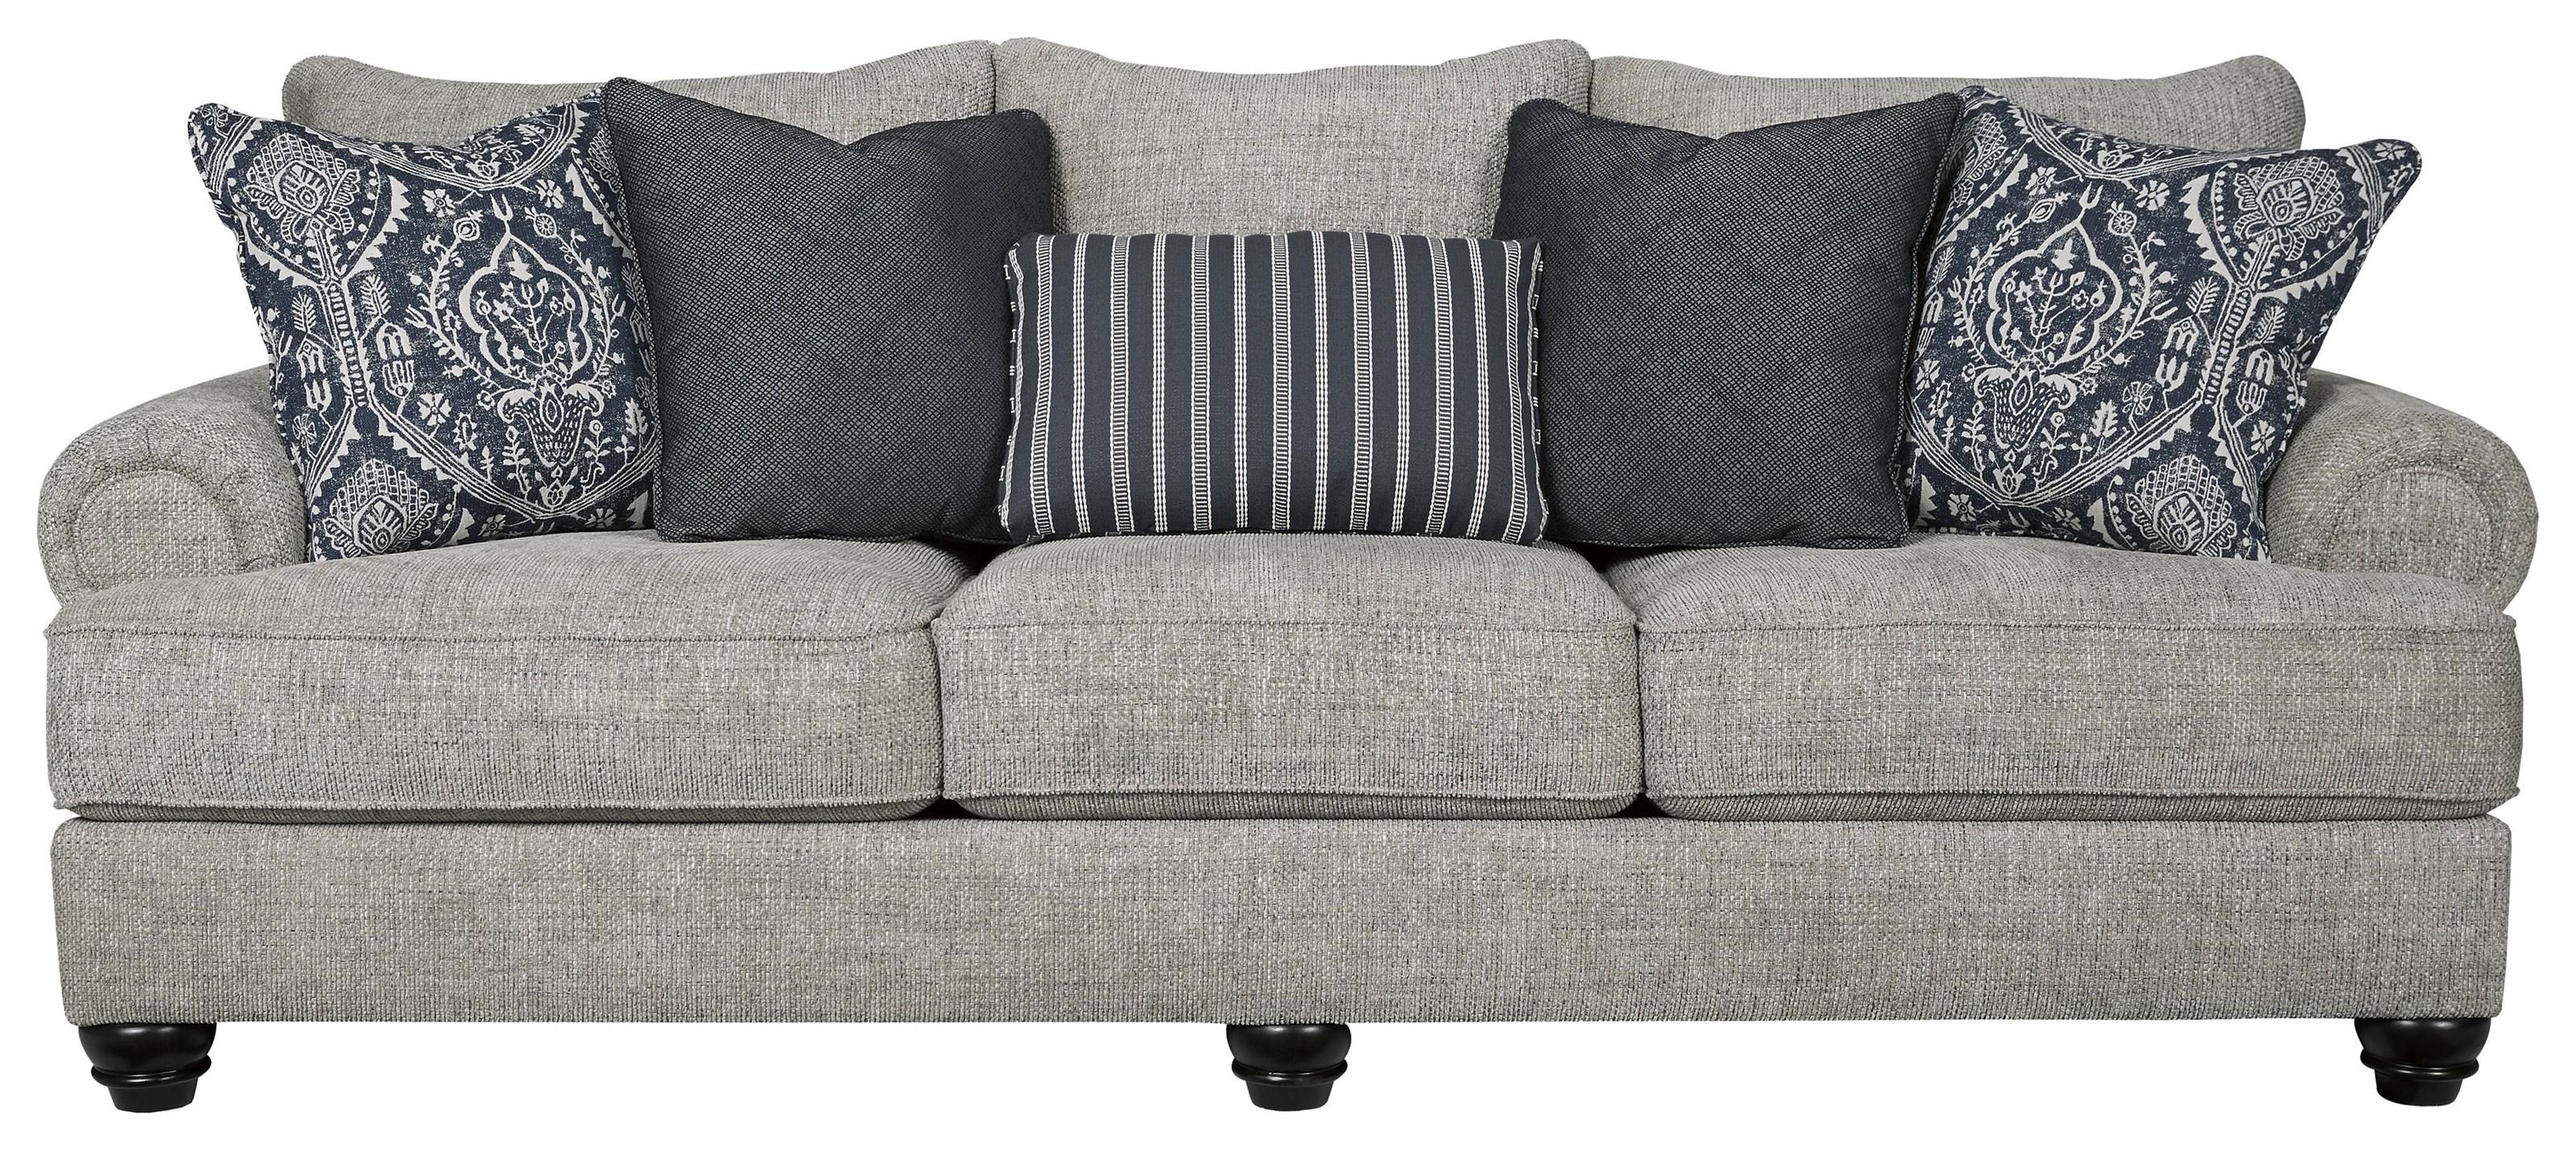 Morren Sofa by Ashley Furniture at Sam Levitz Outlet